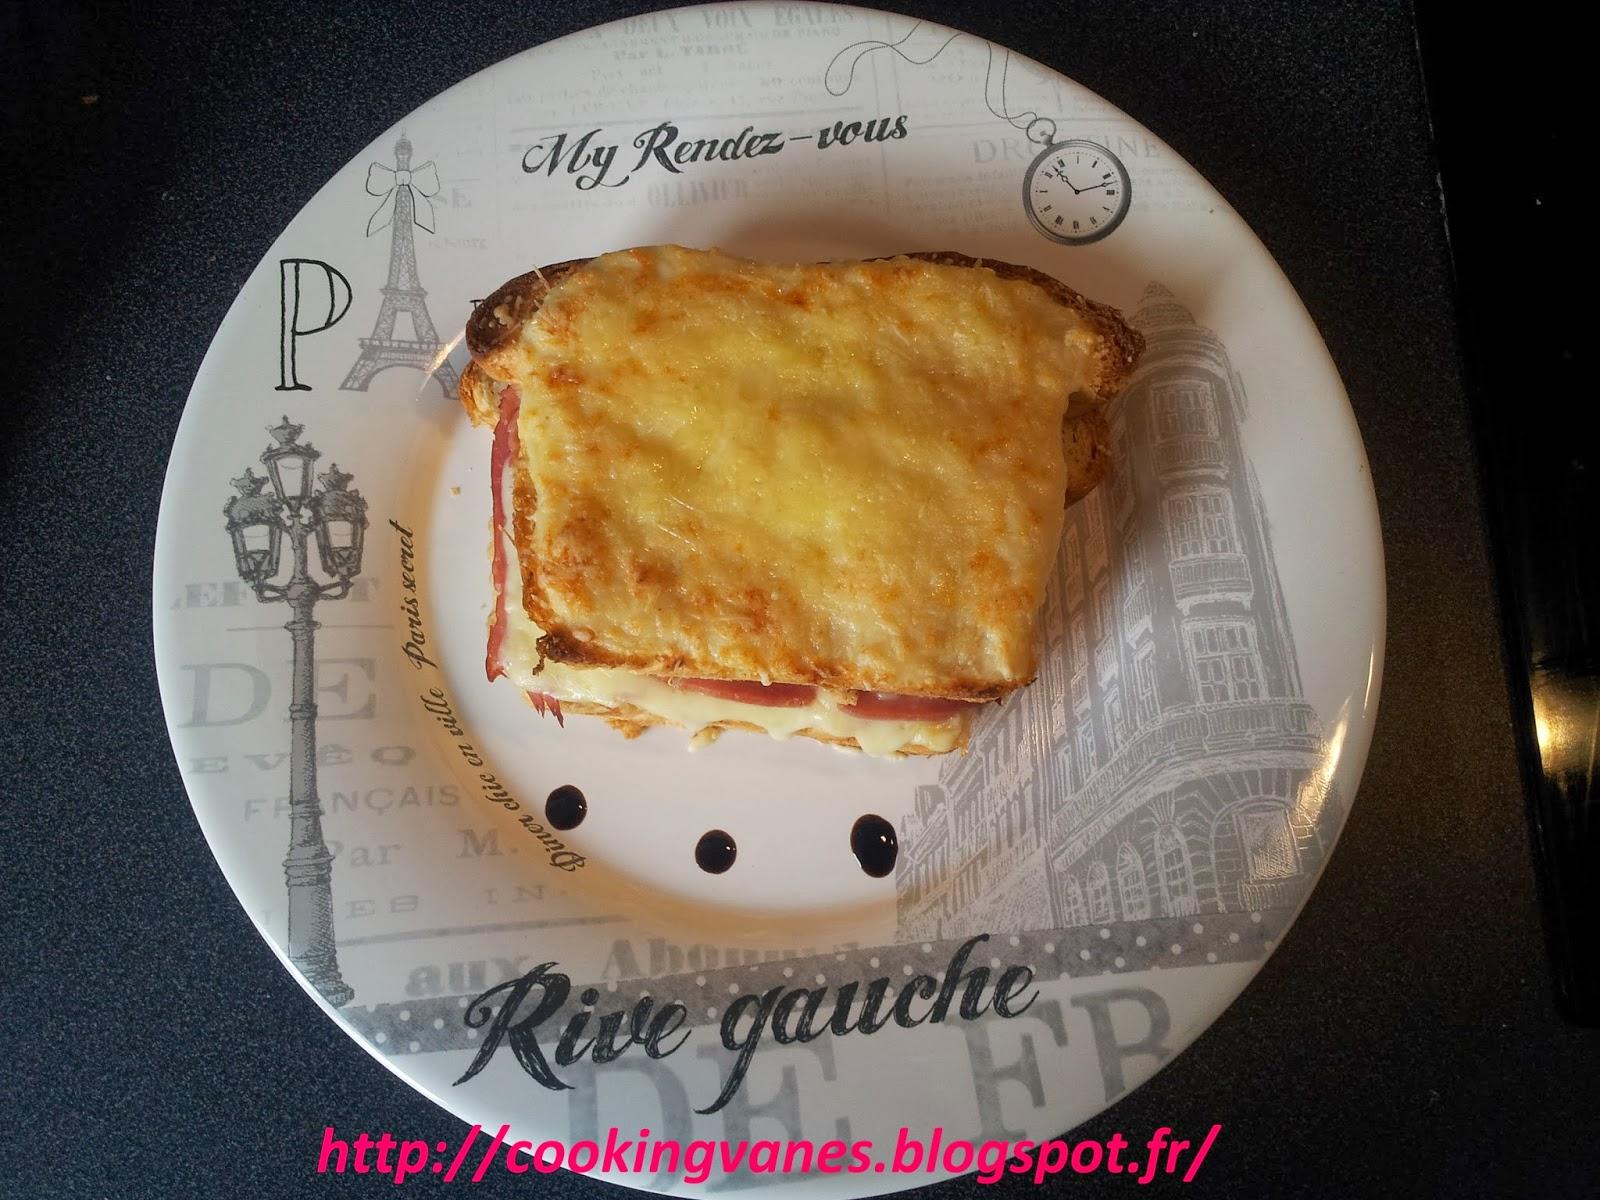 La cuisine de mimi croque monsieur maison au four - Recette croque monsieur au four ...